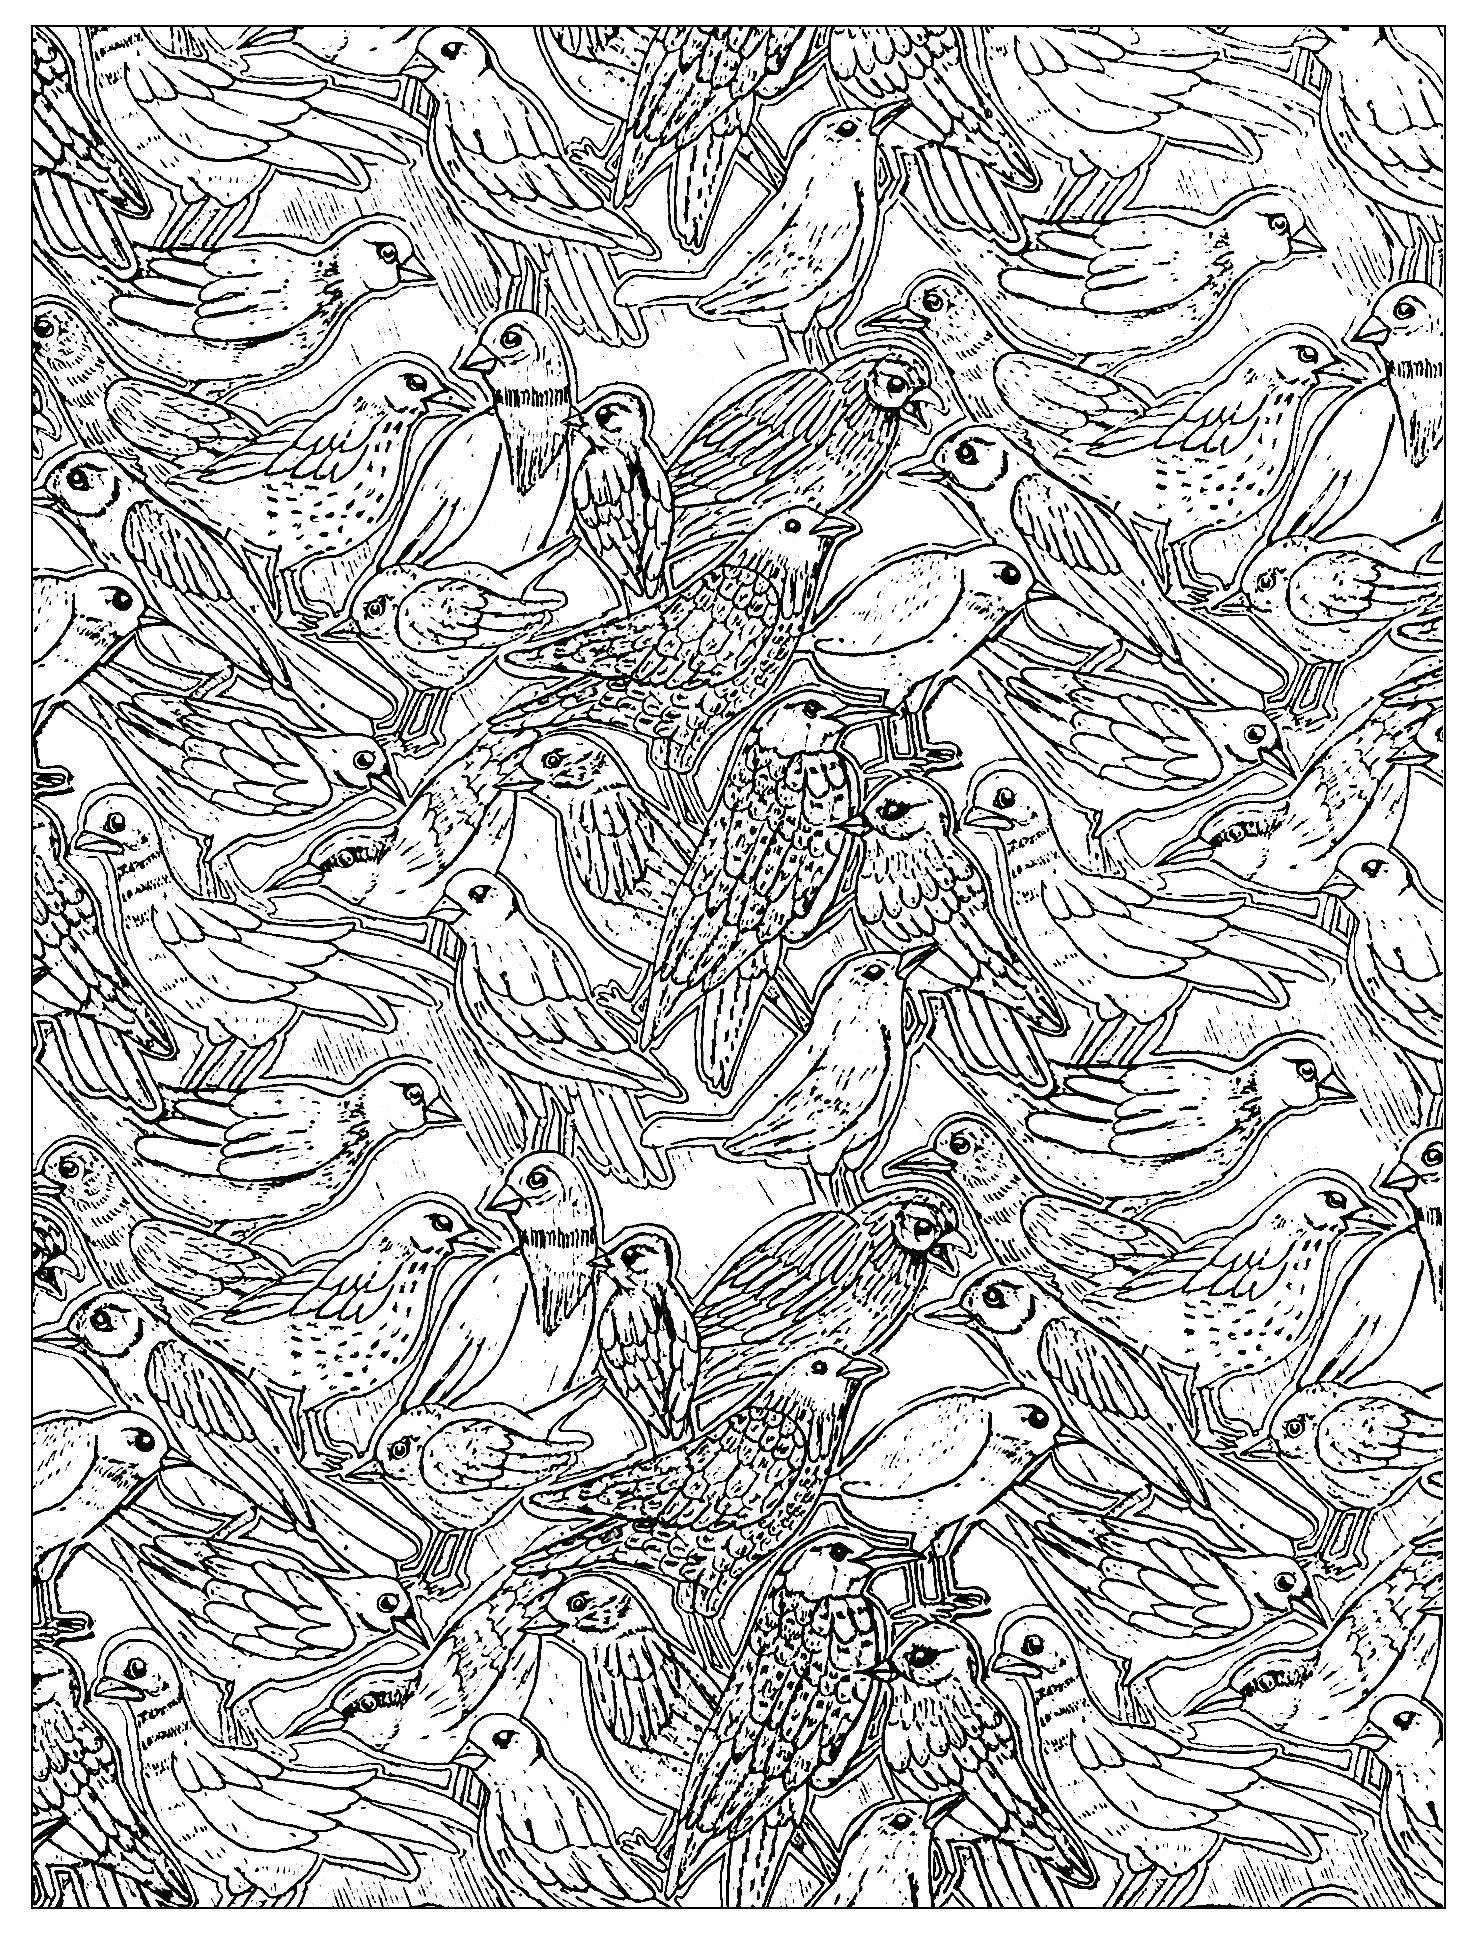 Colorear para adultos  : Aves - 26